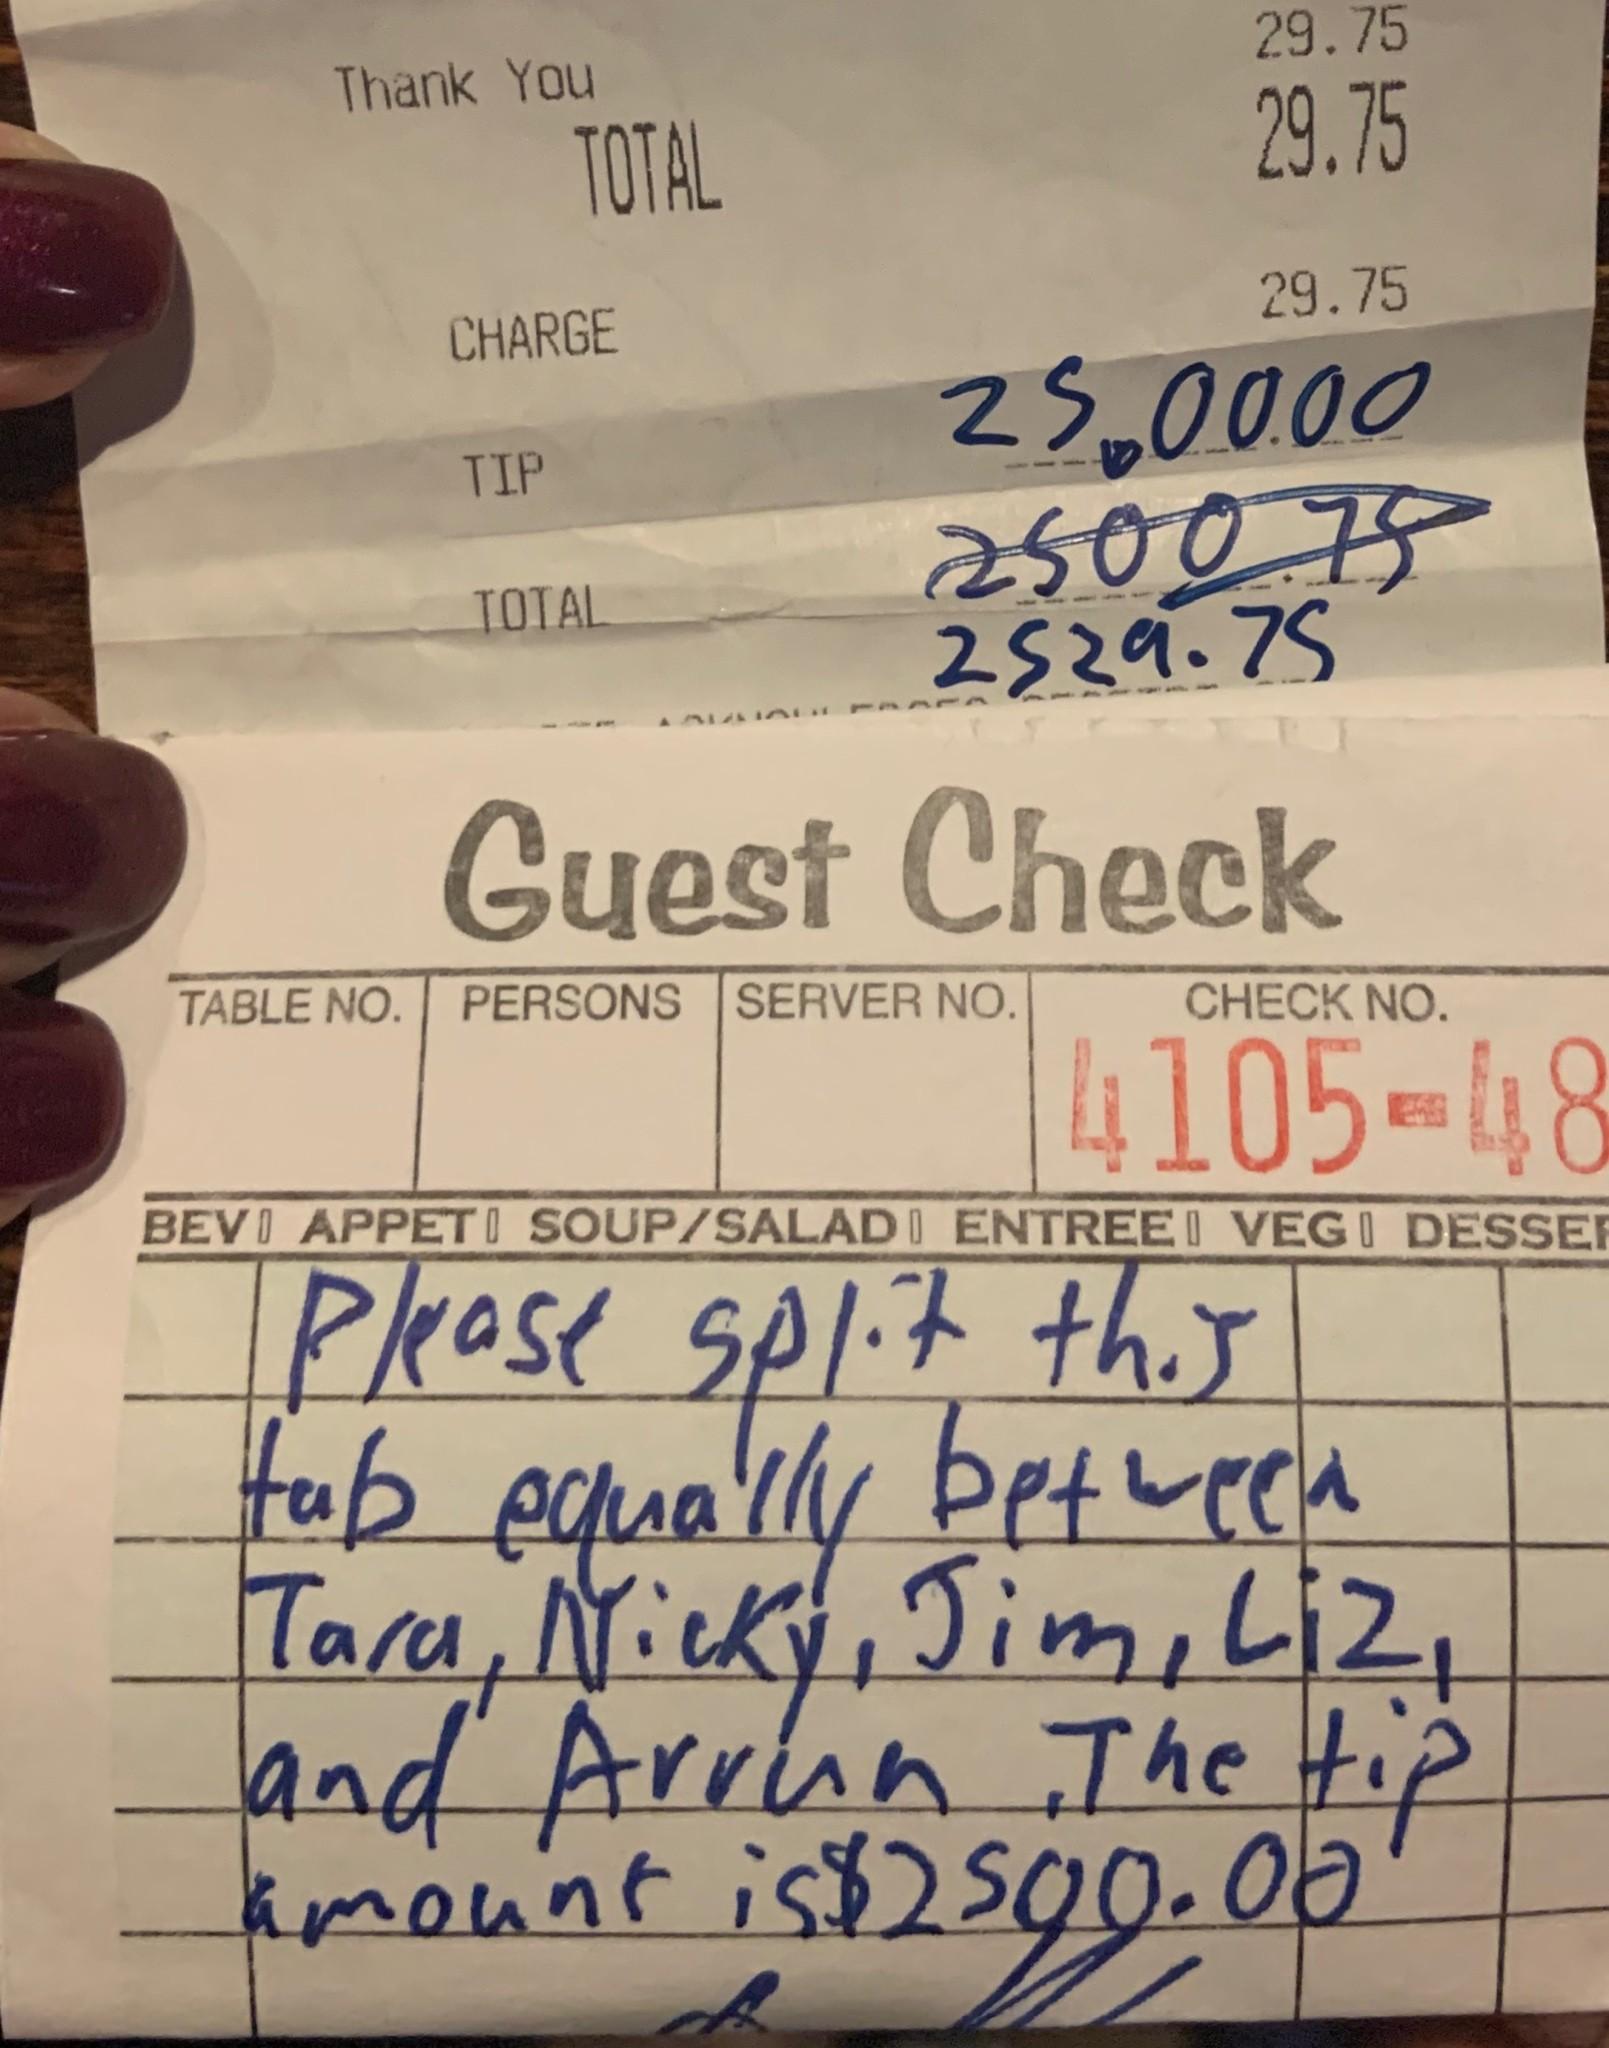 Huge restaurant tip